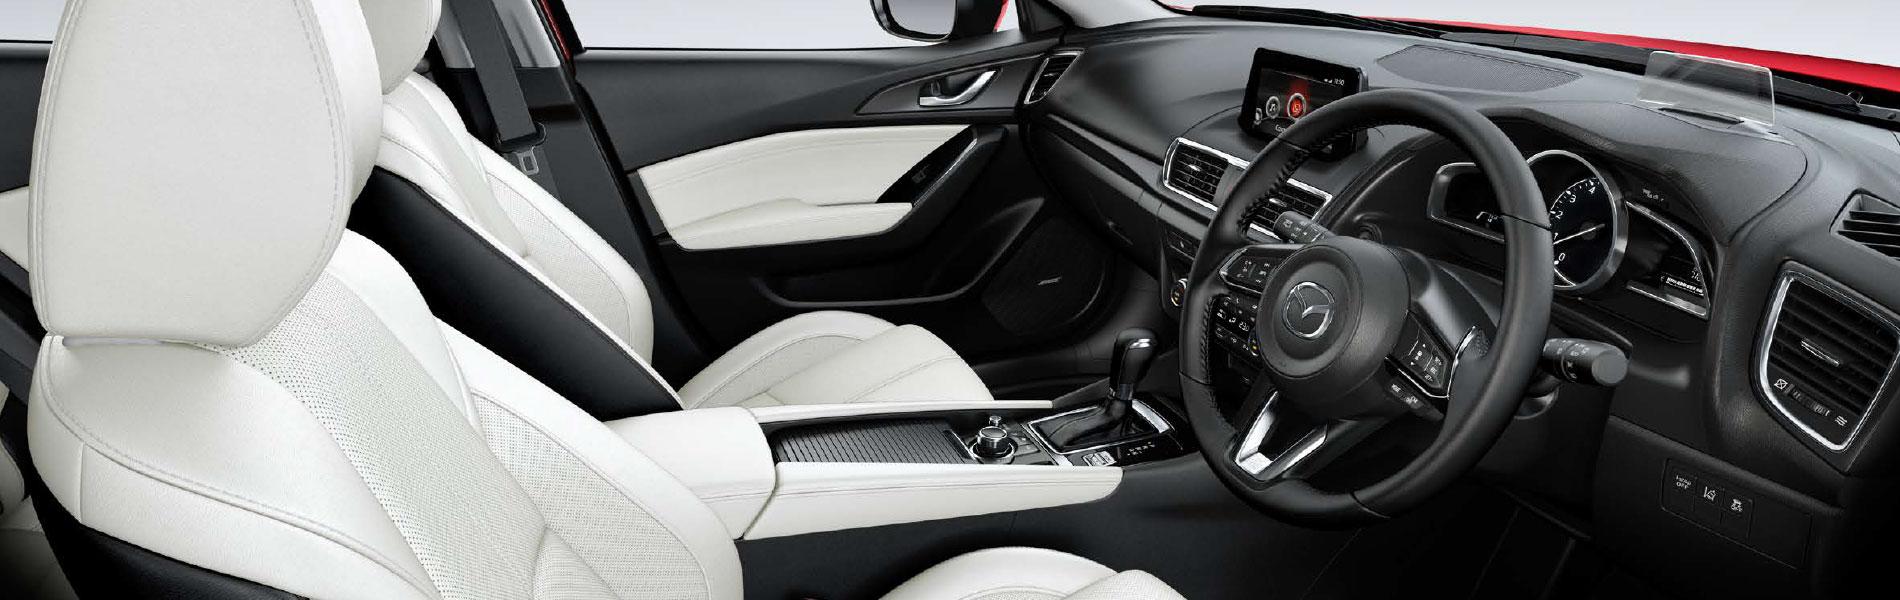 Mazda Mazda3 Image 2